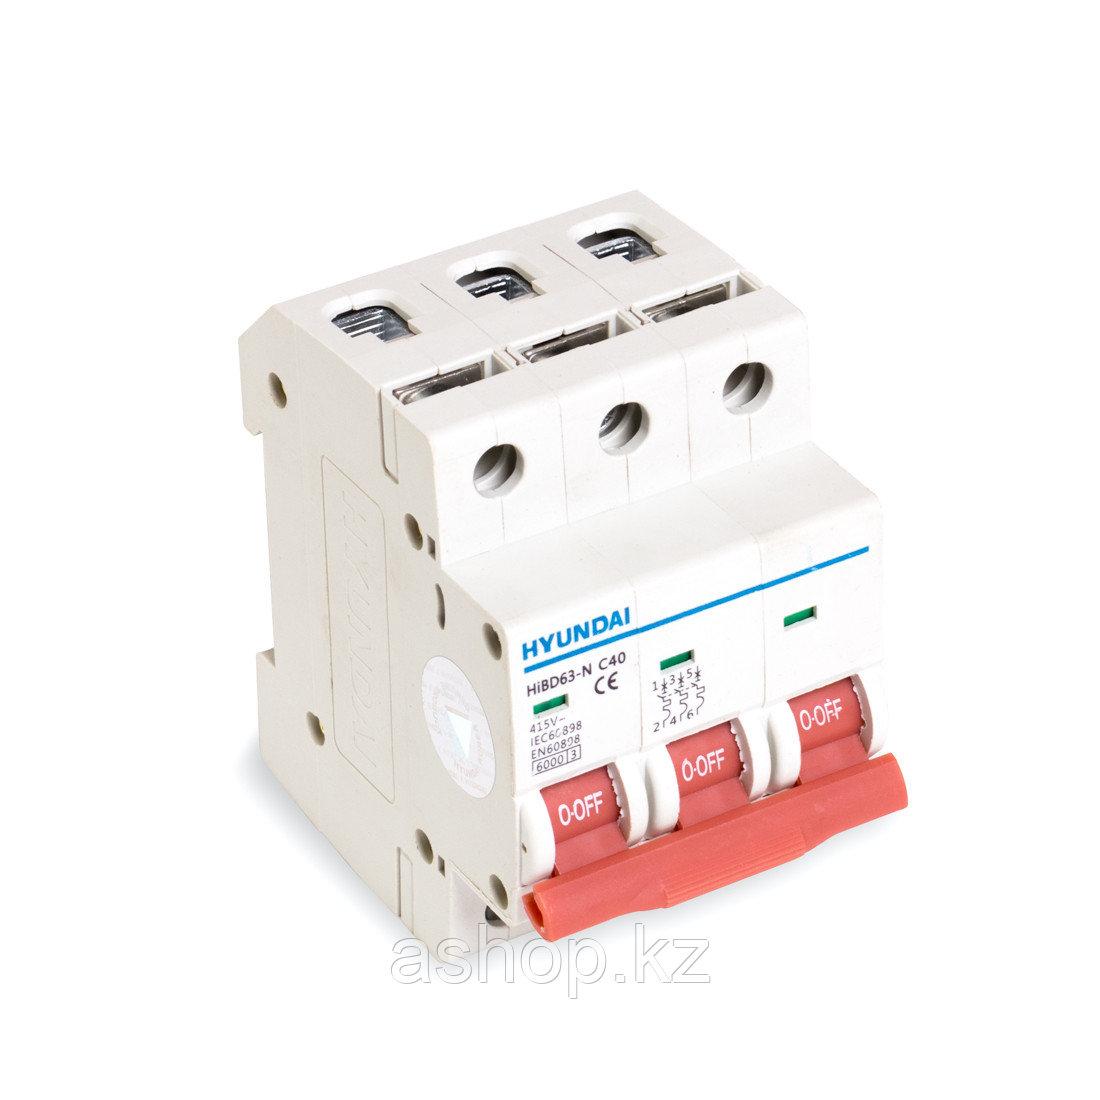 Автоматический выключатель реечный Hyundai HiBD63-N 3P 10А, 230/400 В, Кол-во полюсов: 3, Предел отключения: 6